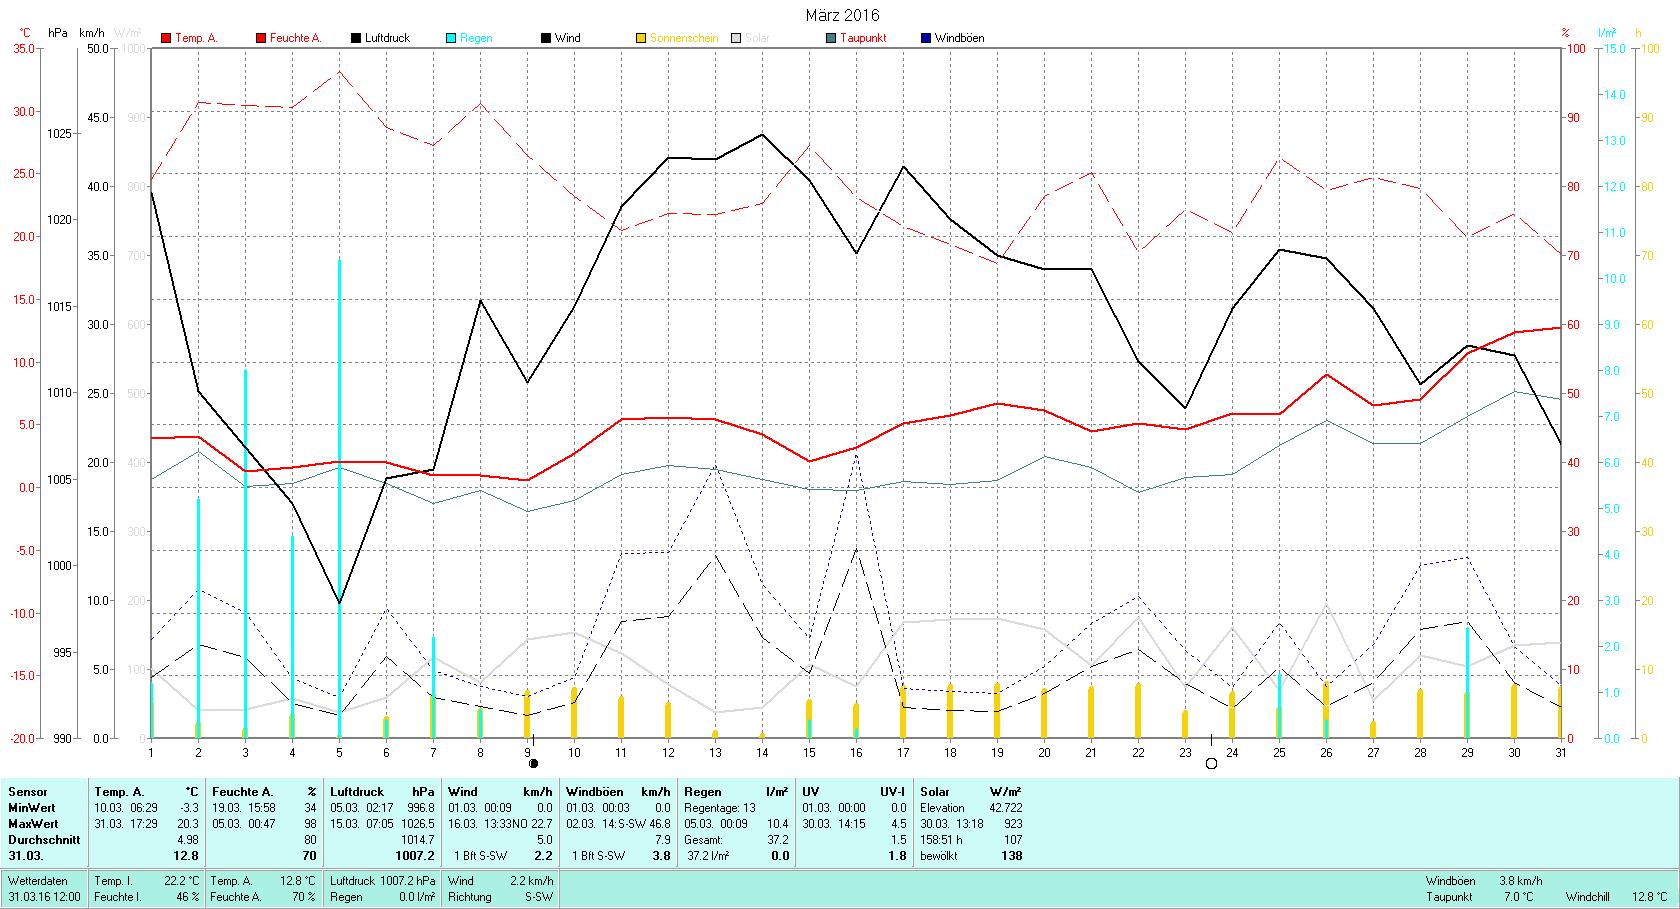 März 2016 Tmin -3.3°C, Tmax 20.3°C, Sonne 158:51h, Niederschlag 37.2mm/2